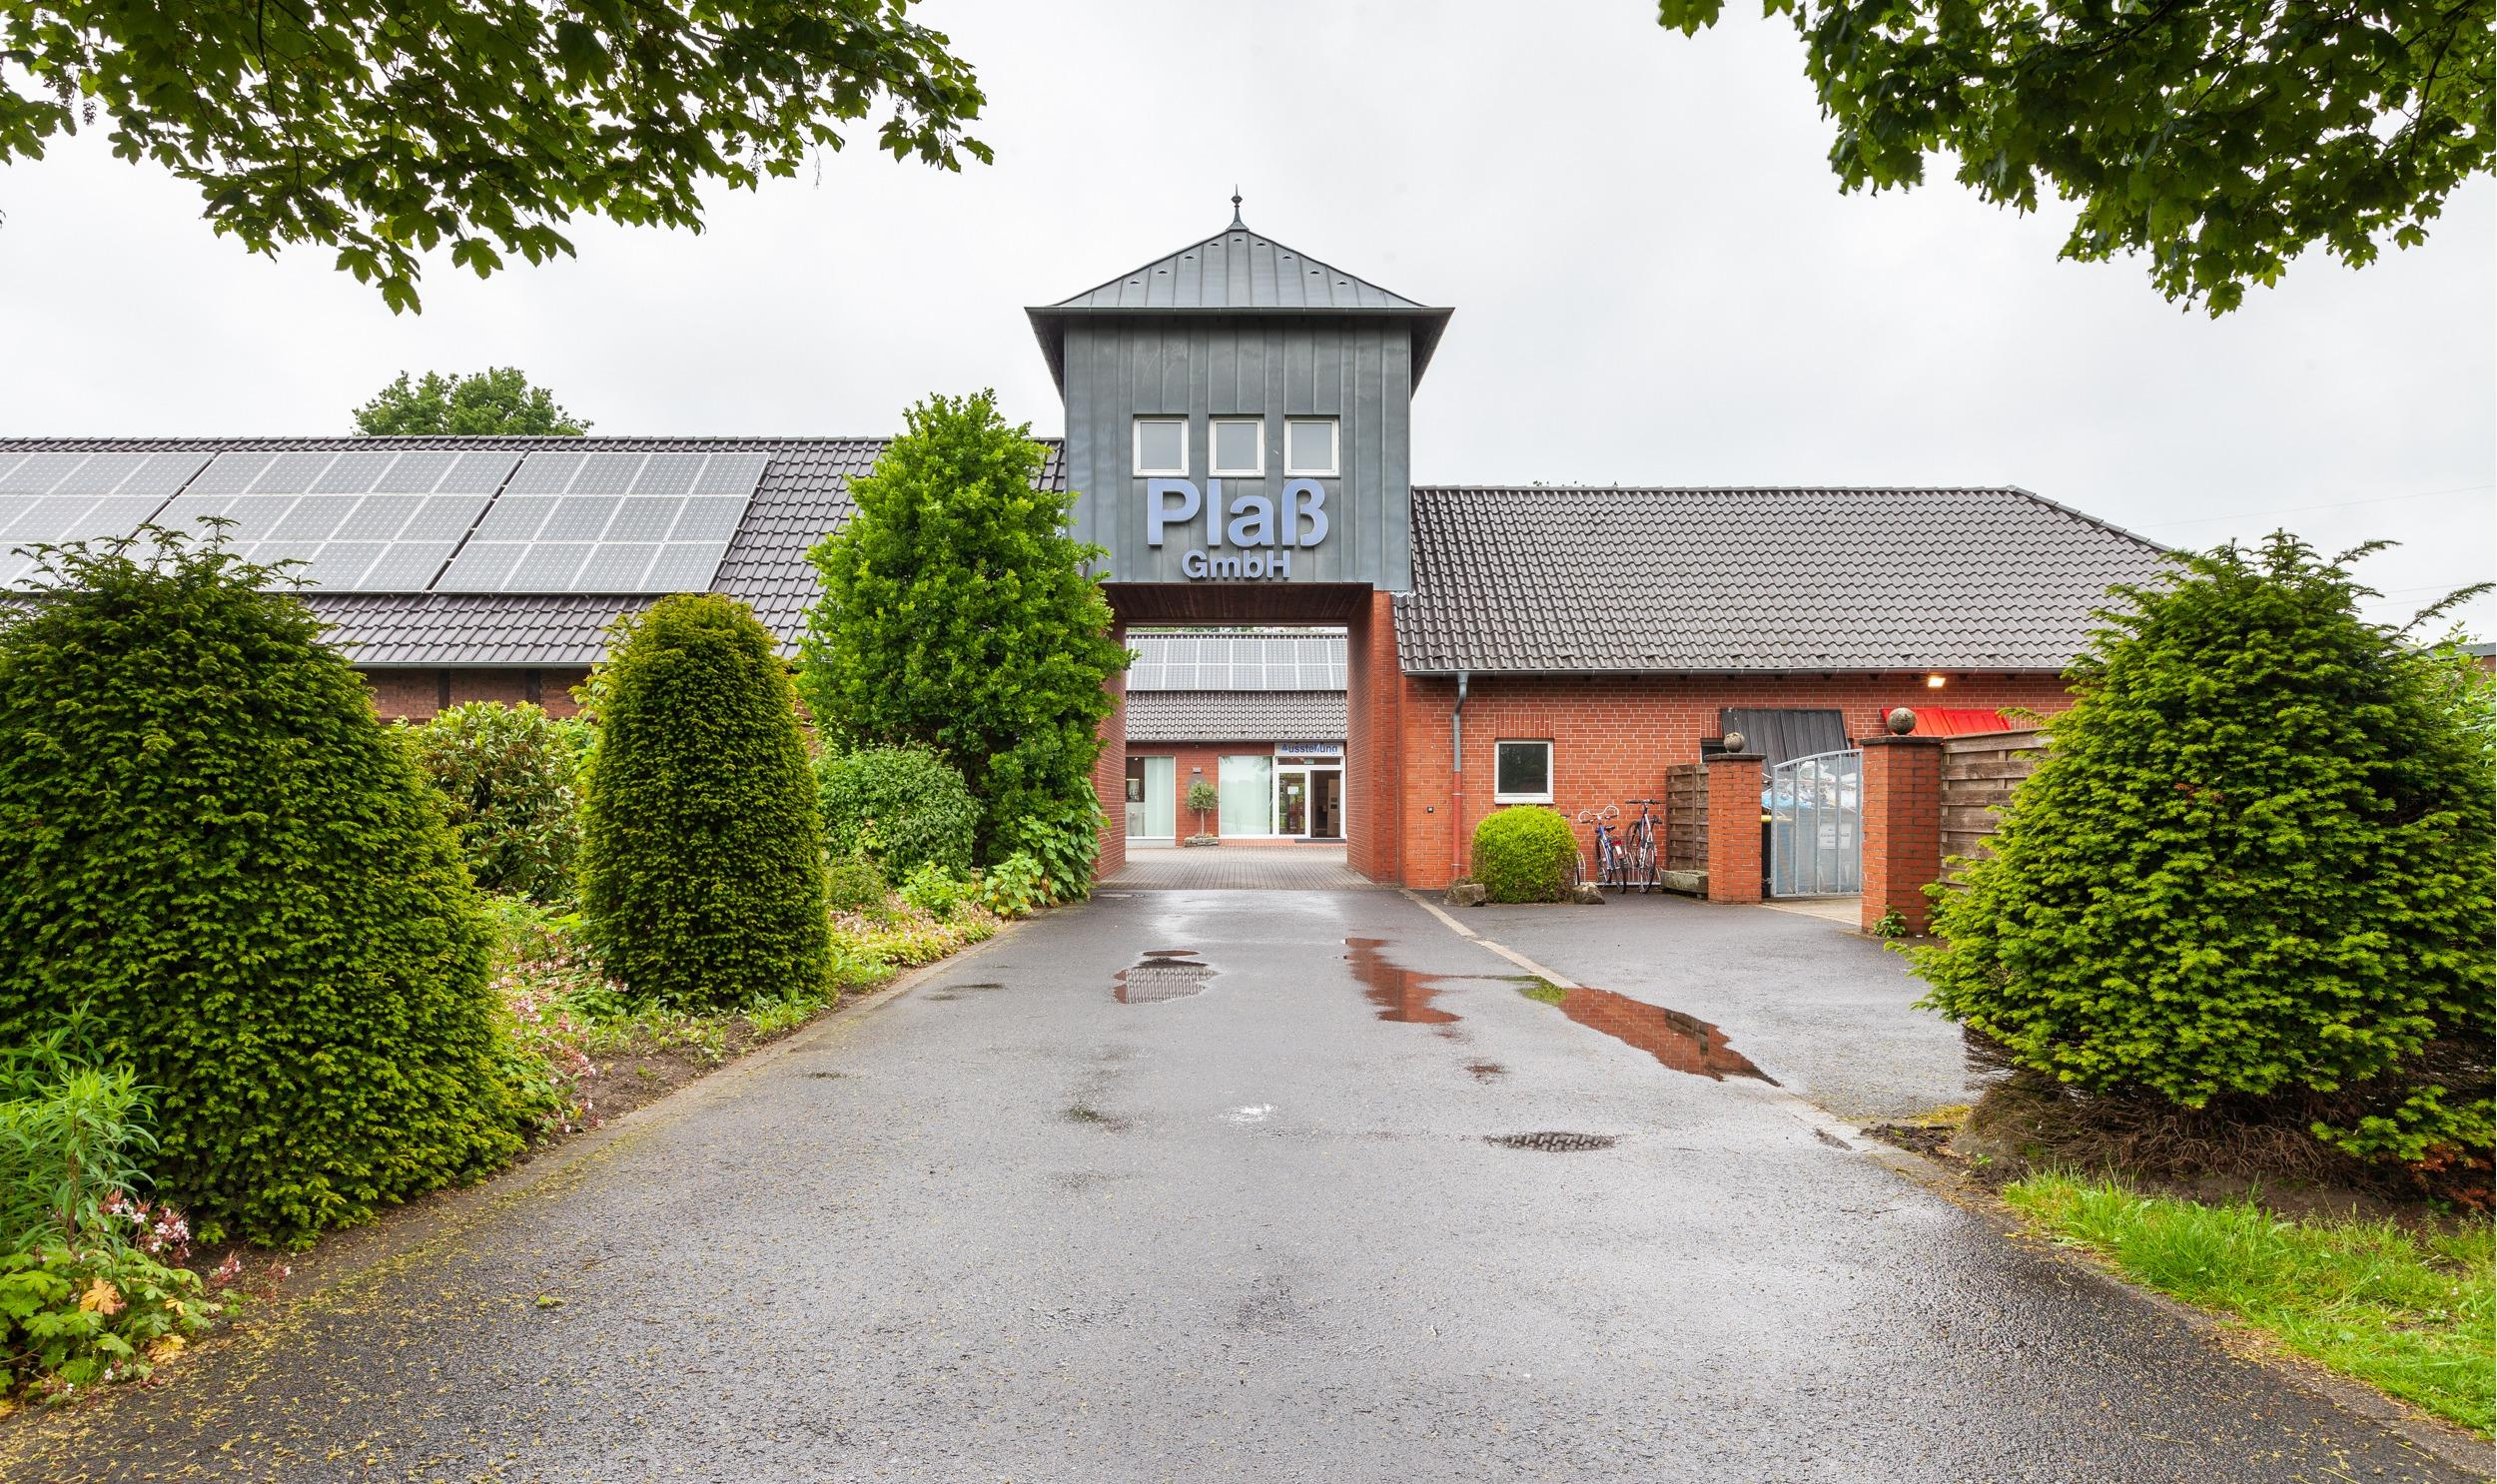 Bernhard Plaß GmbH ist Ihr Sanitärinstallateur in Werne.